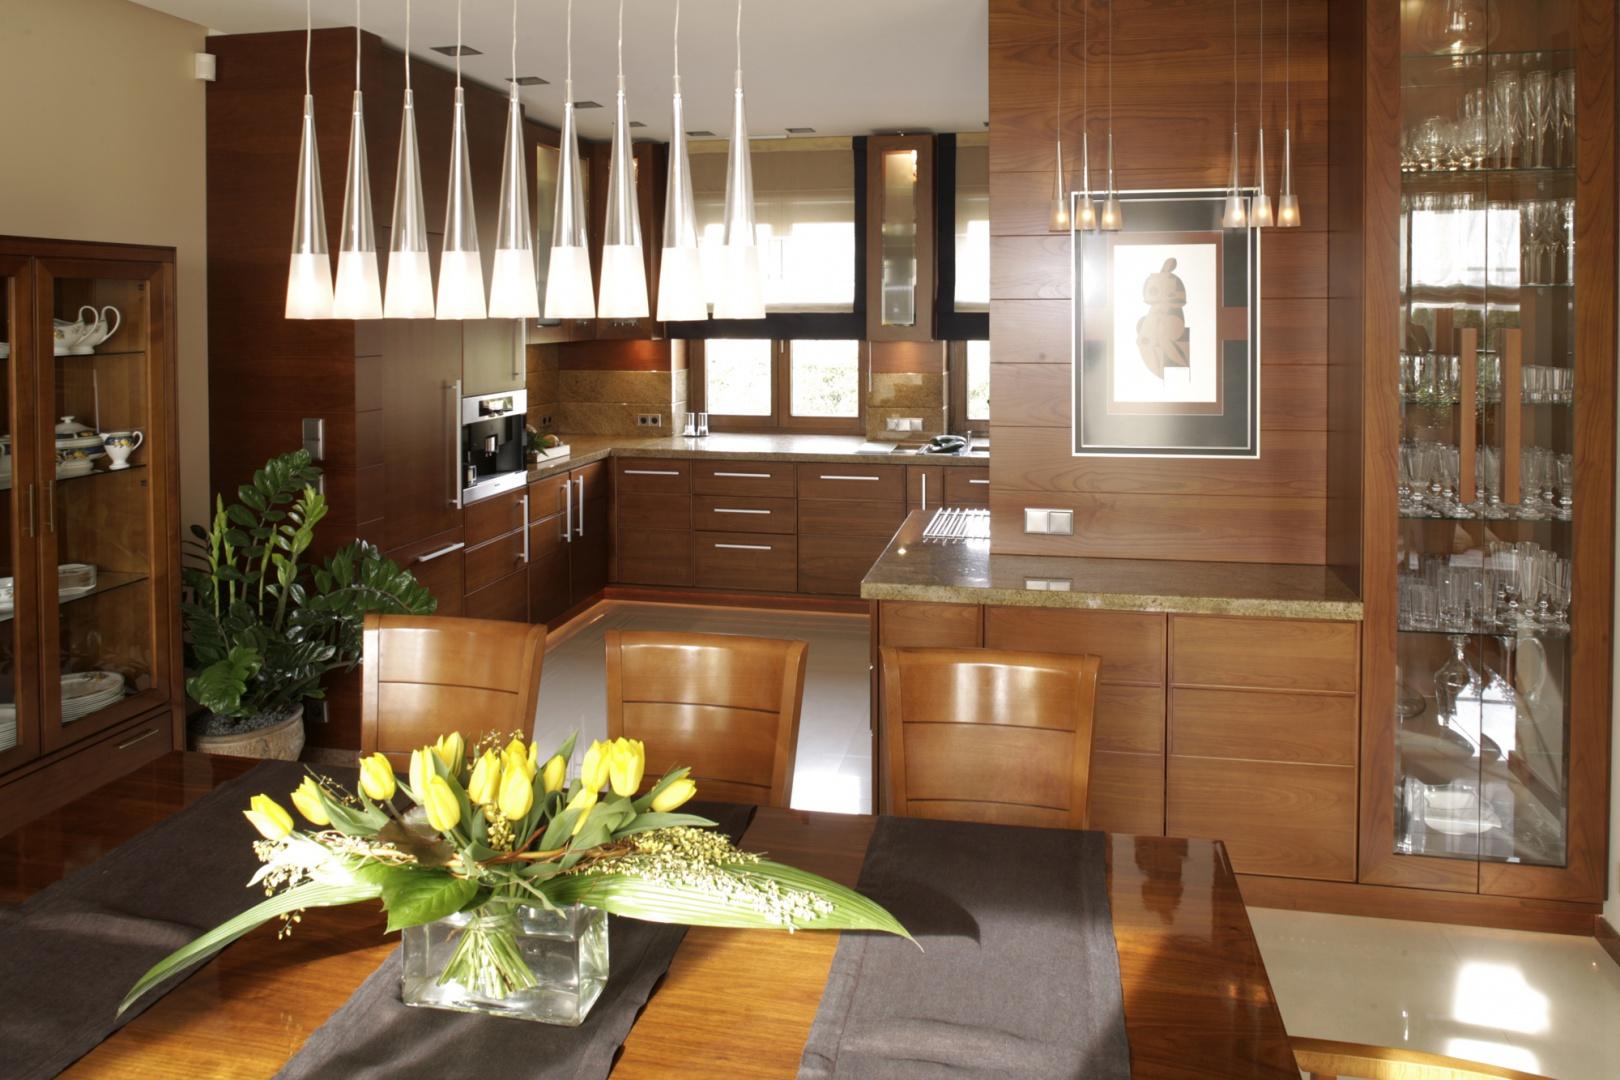 W aranżacji kuchni i jadalni przewijają się elementy stylu art déco. Bezpośrednio z jadalni jest przejście do salonu, ale to właśnie przy stole skupia się życie rodziny. Fot. Bartosz Jarosz.